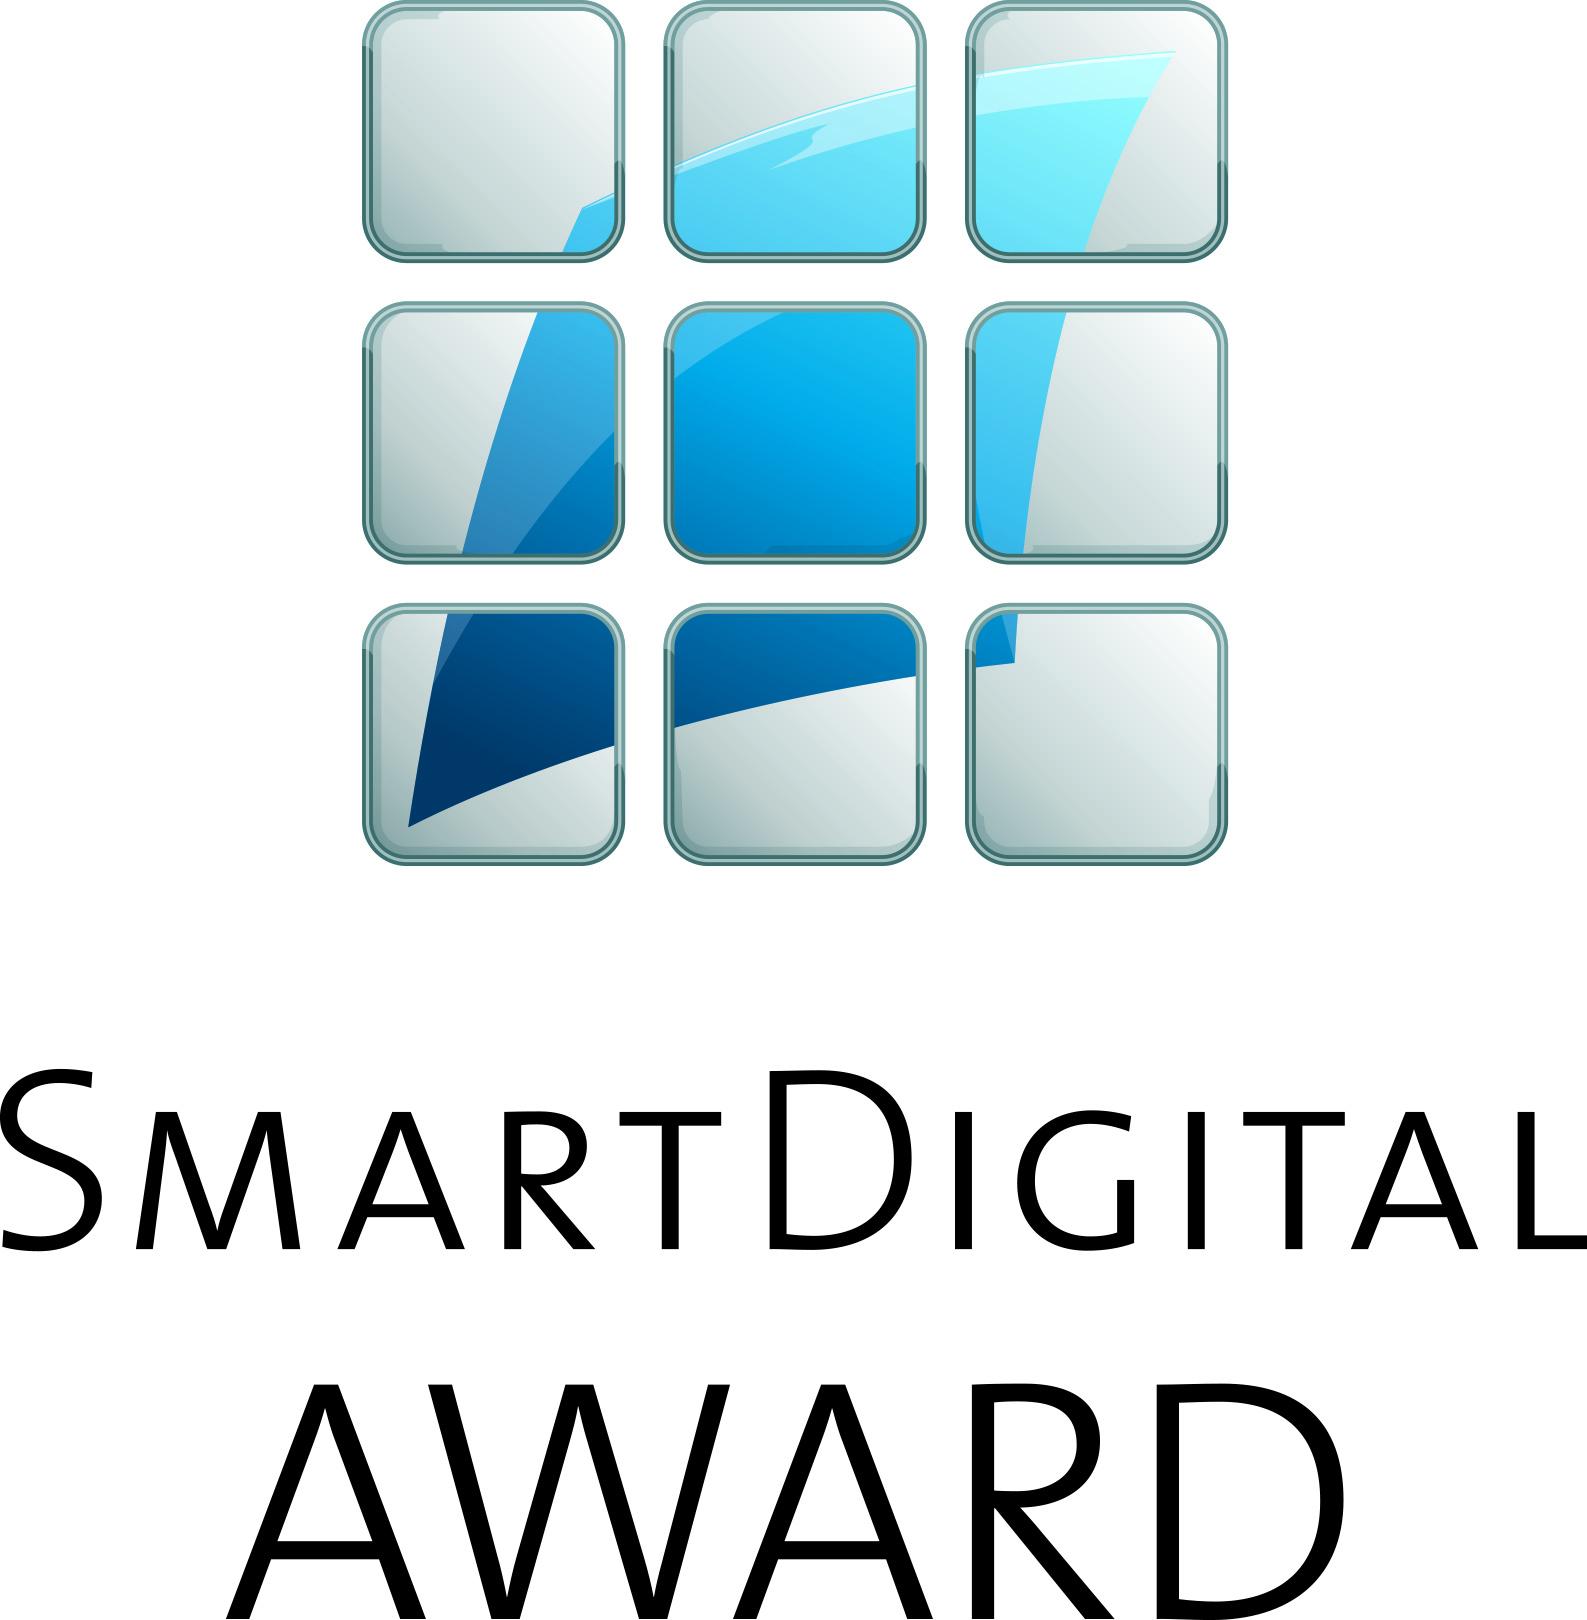 Smart Digital Award 2014